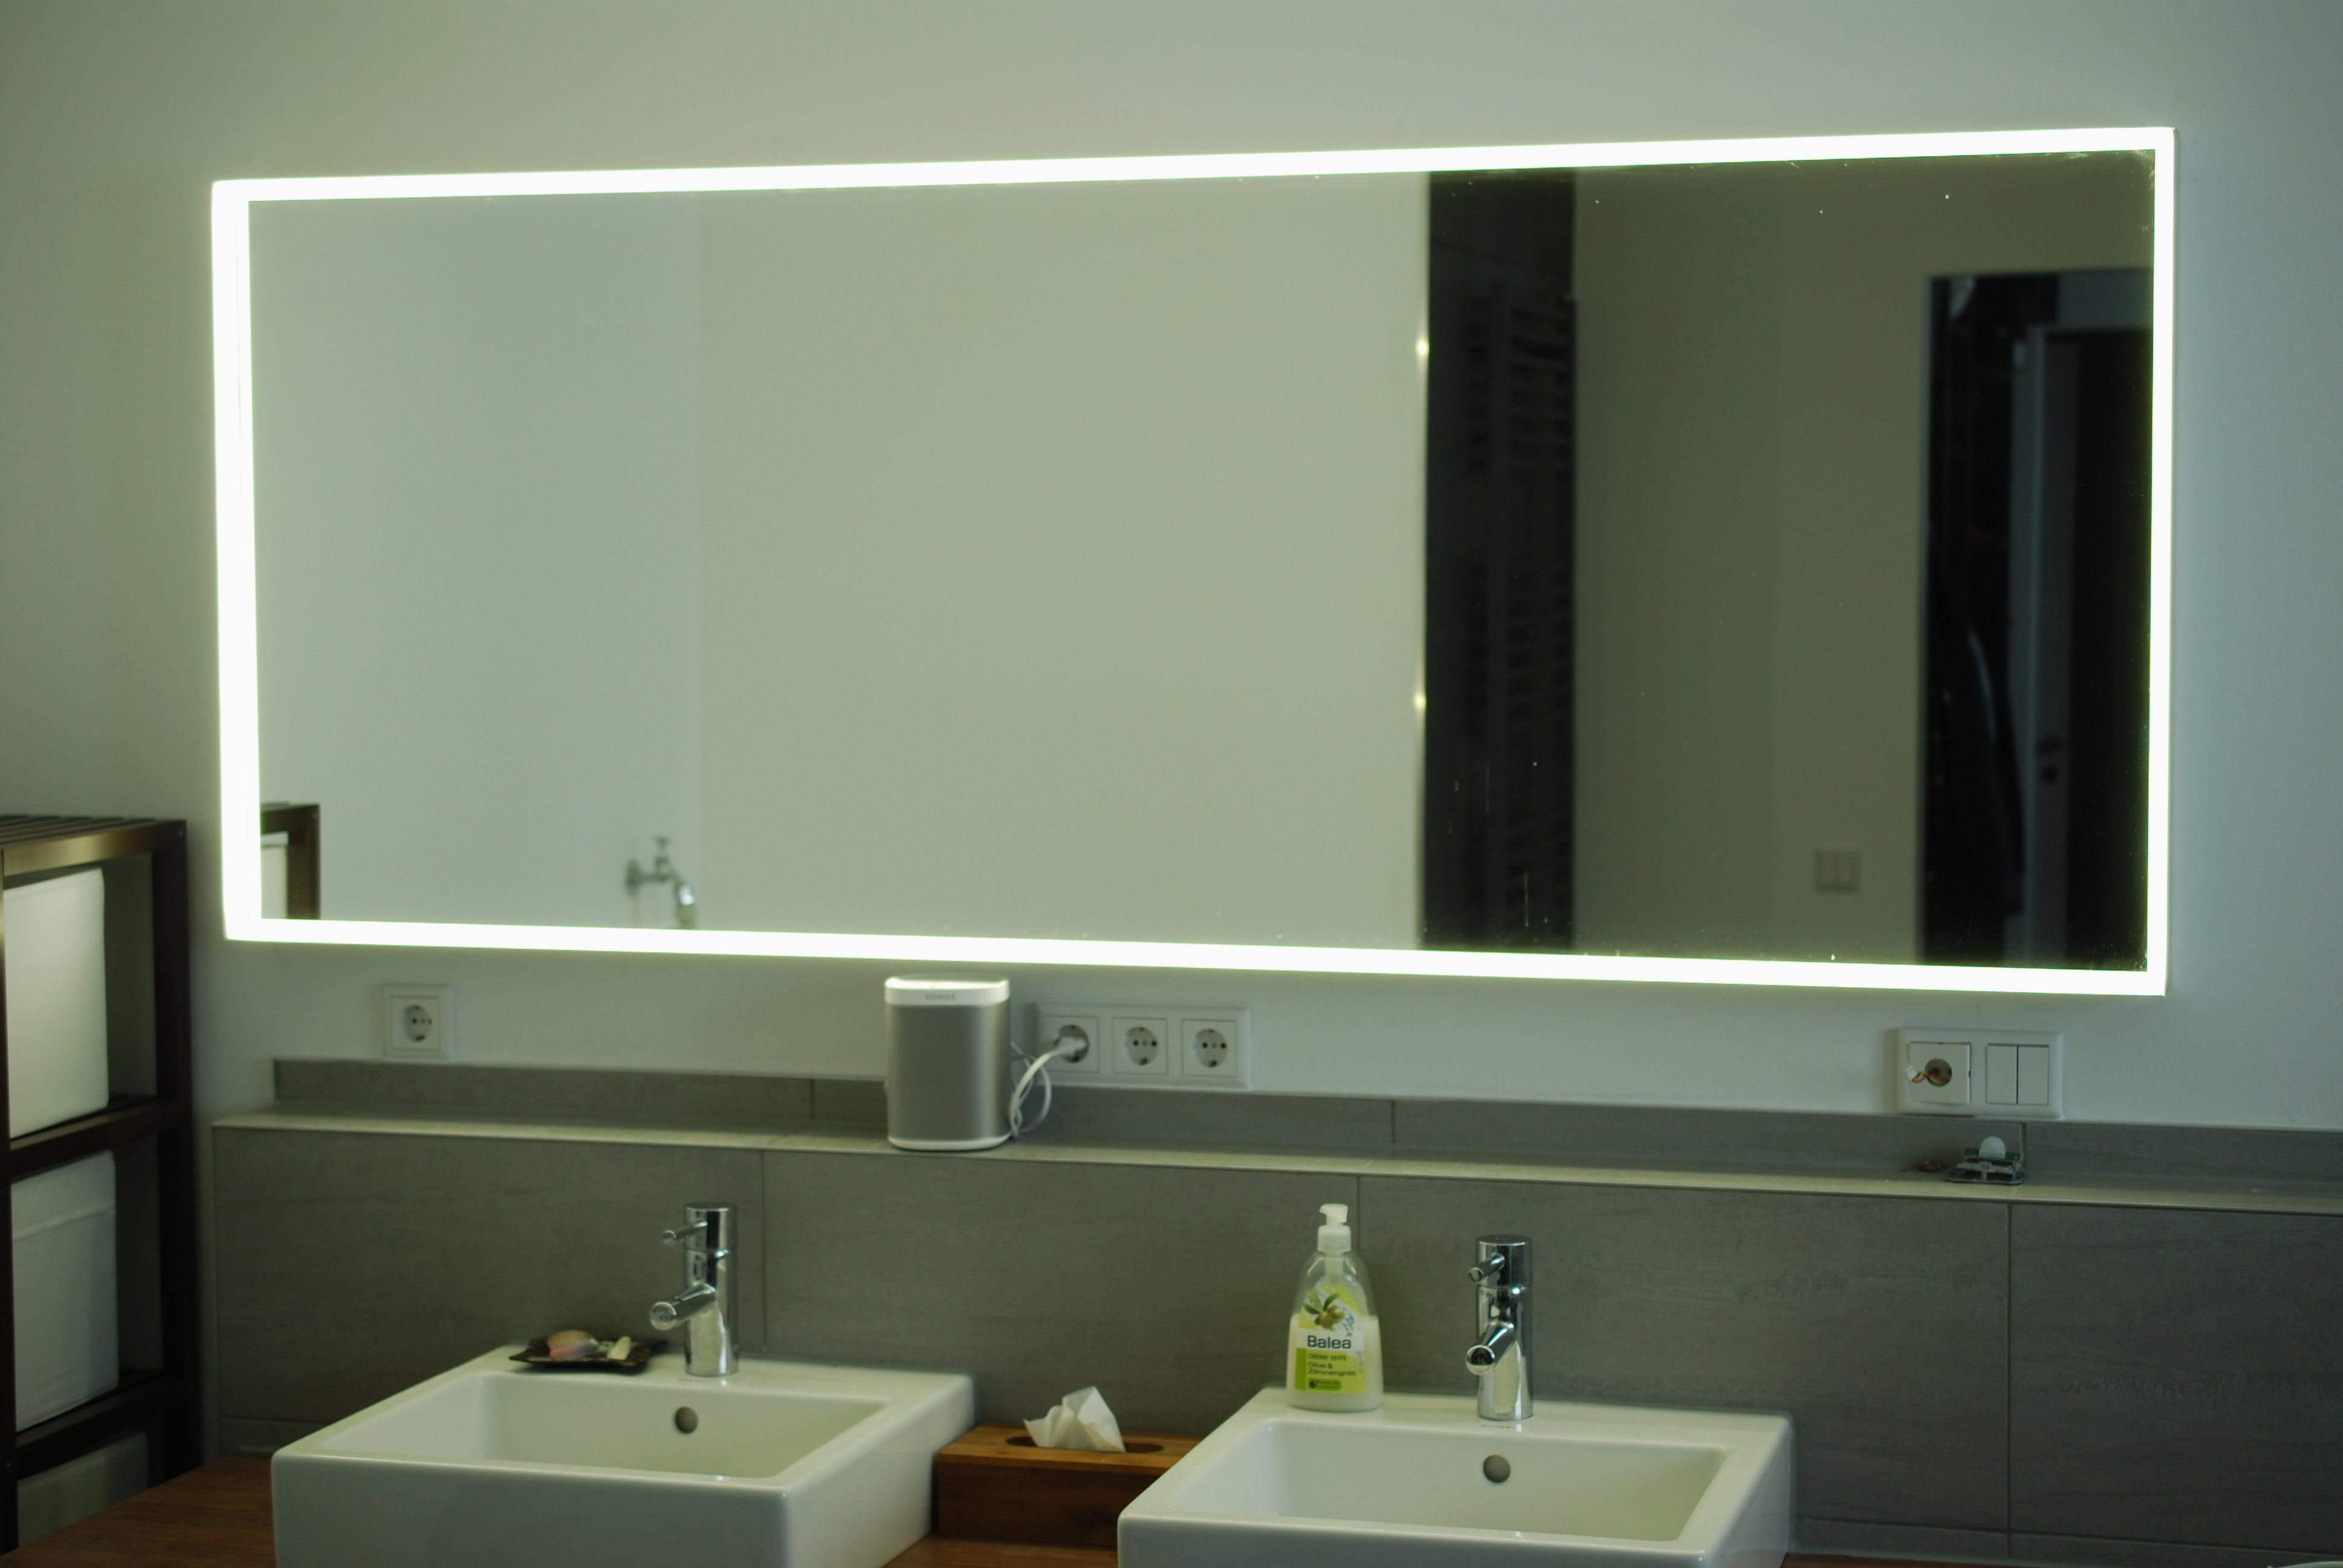 17 Badspiegel Mit Beleuchtung Obi Typisch Spiegel Mit Lampen Plus